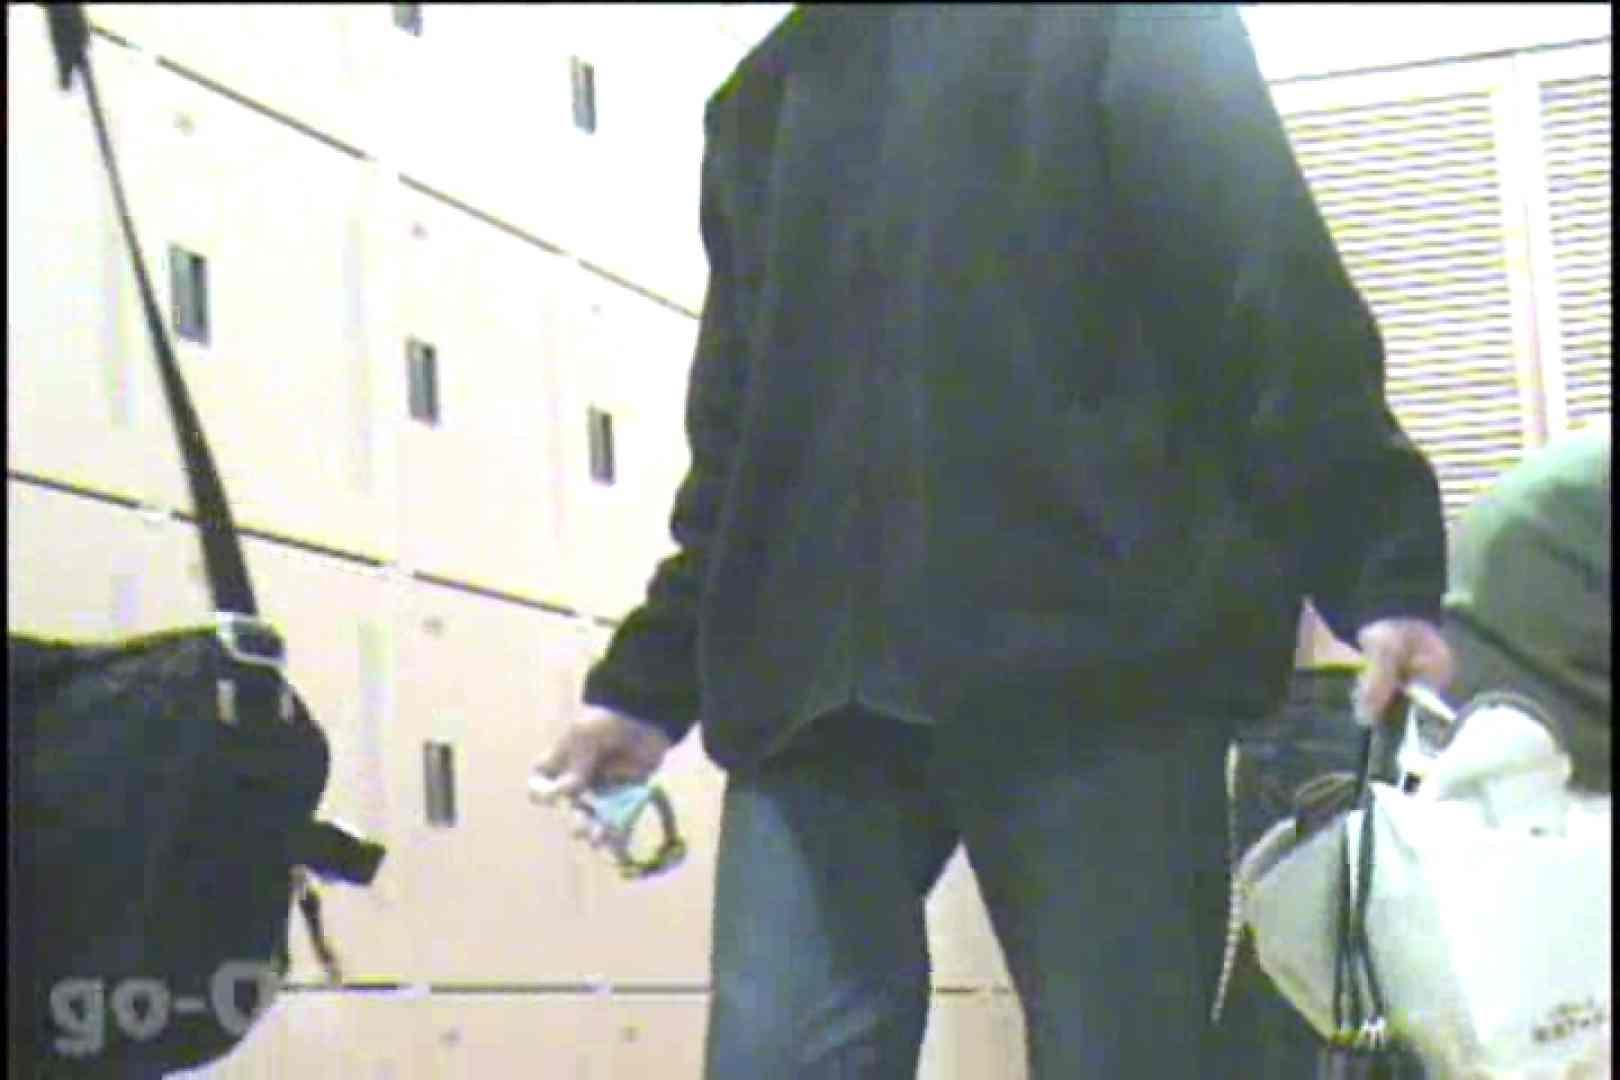 電波カメラ設置浴場からの防HAN映像 Vol.08 お姉さんのSEX アダルト動画キャプチャ 83枚 76